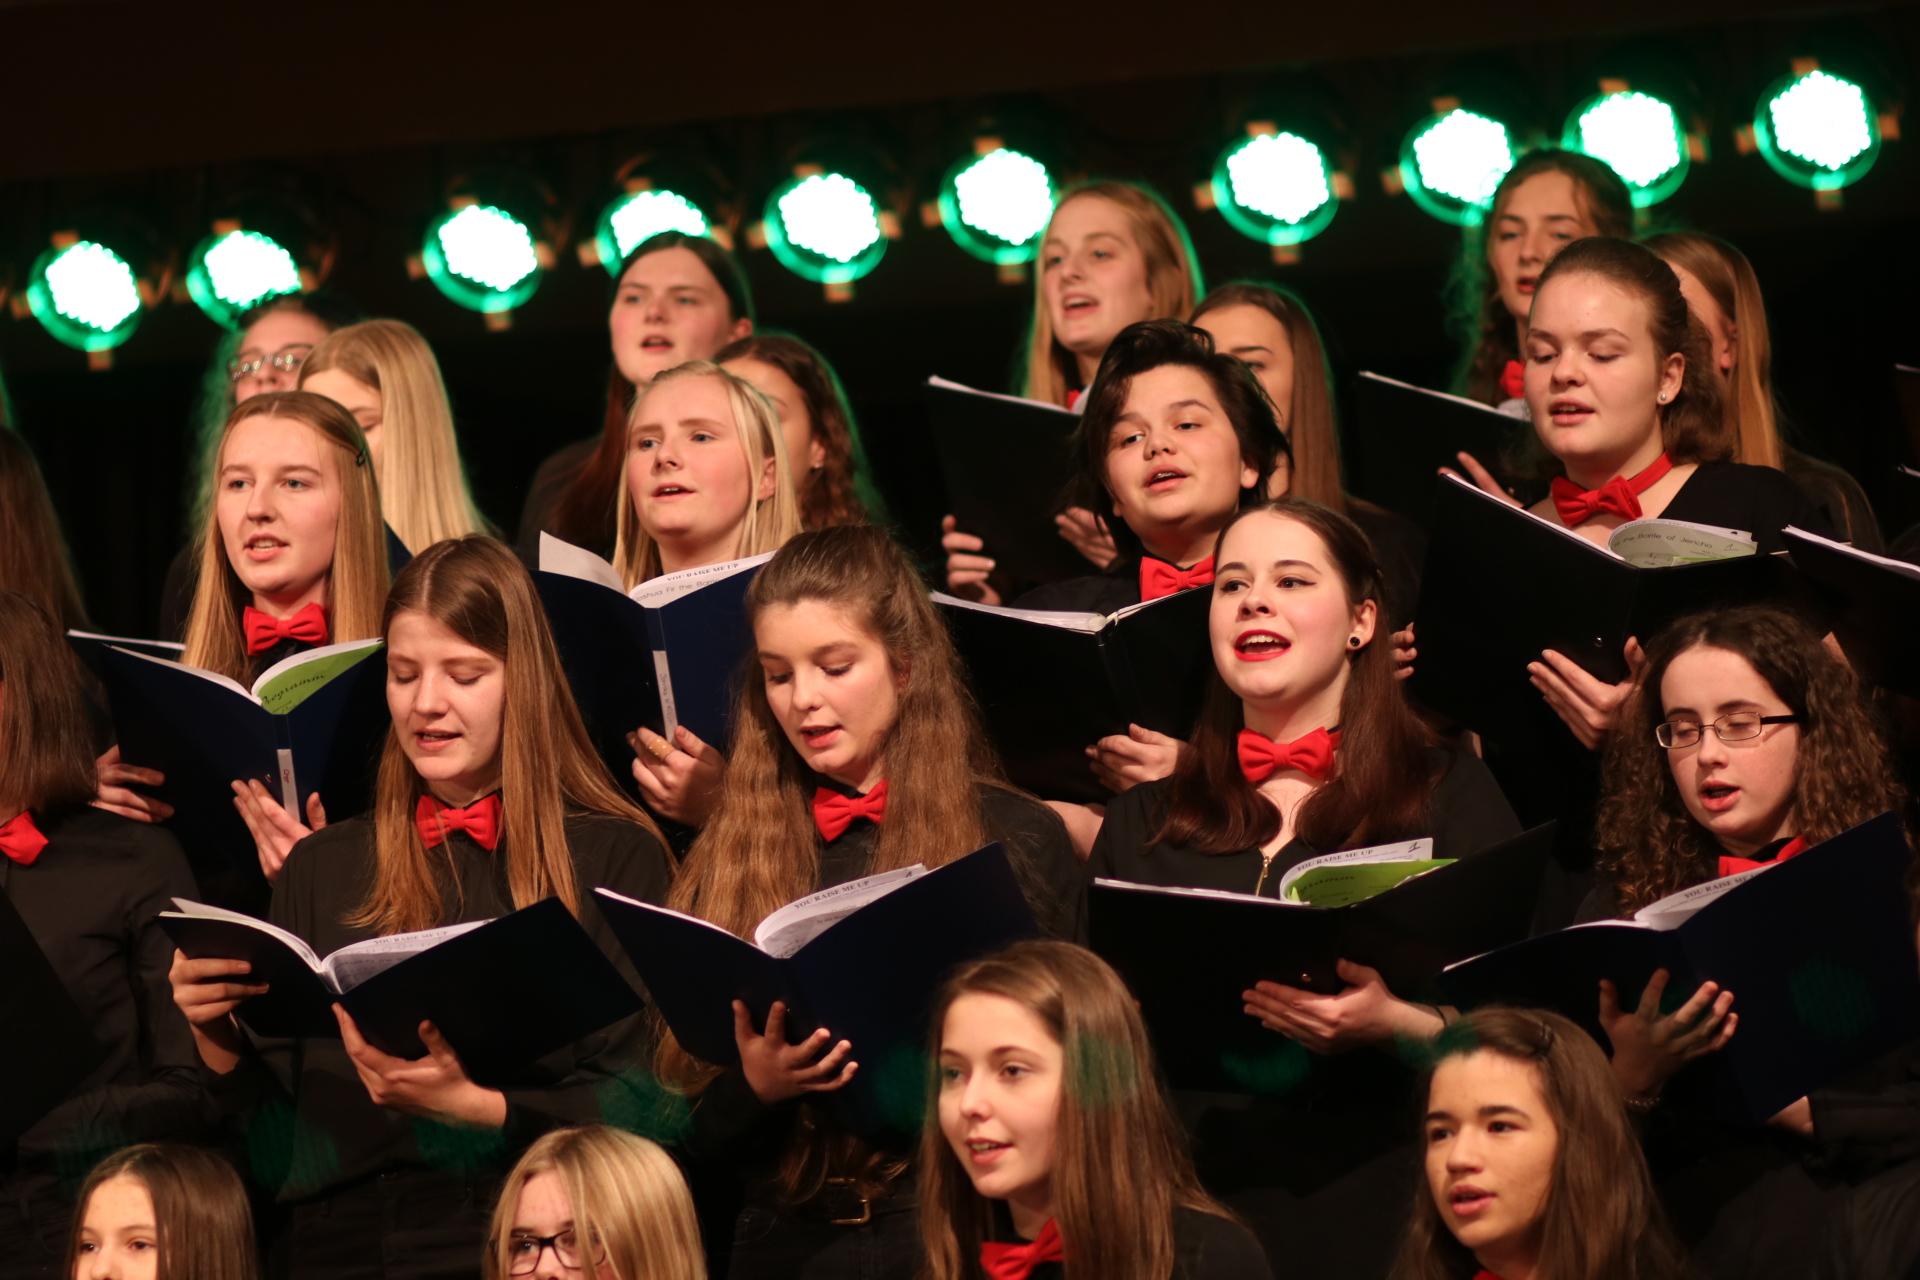 Konzertkritik: Fröhlich, melancholisch, weihnachtlich